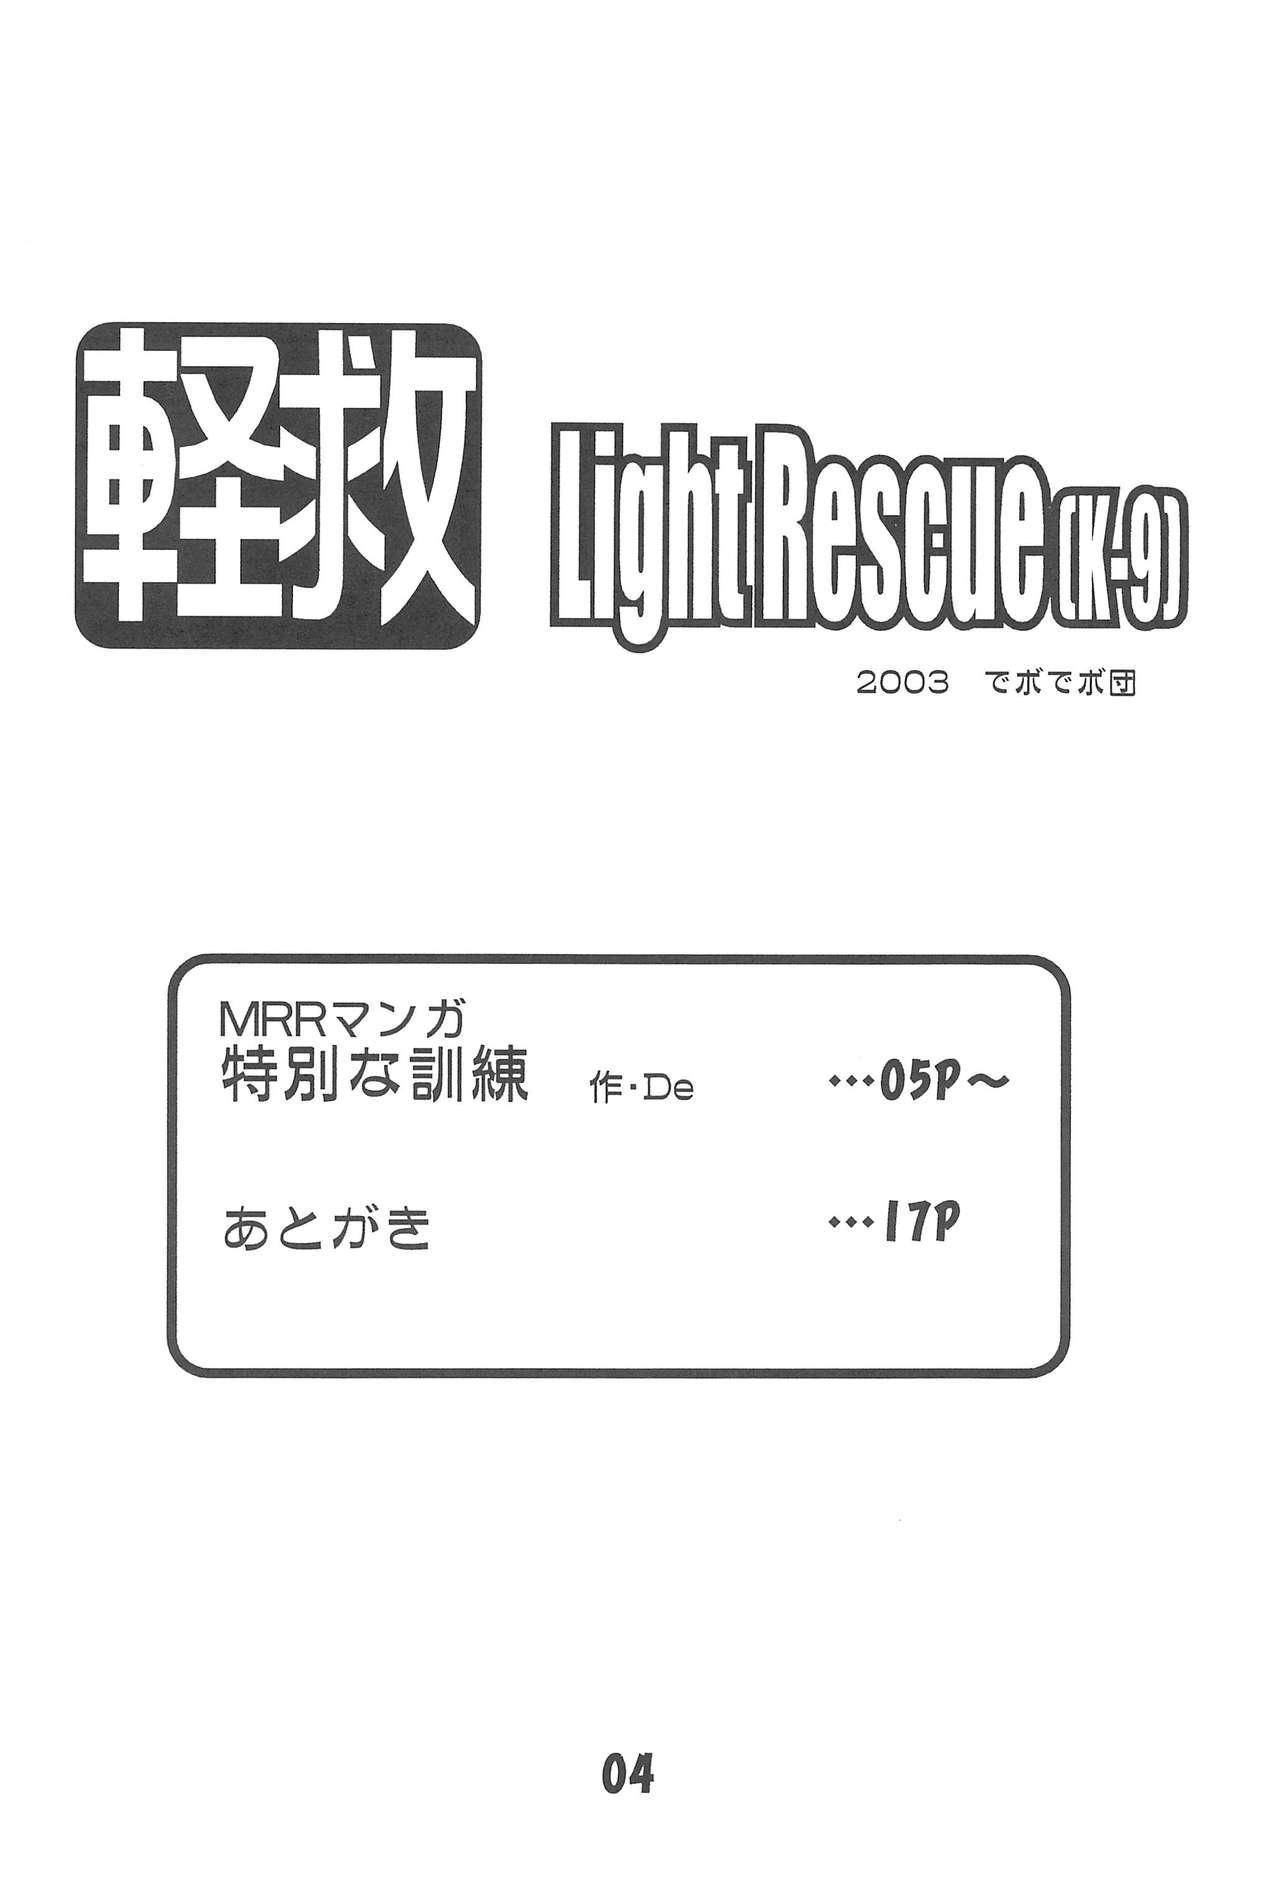 Keikyuu Light Rescue 5